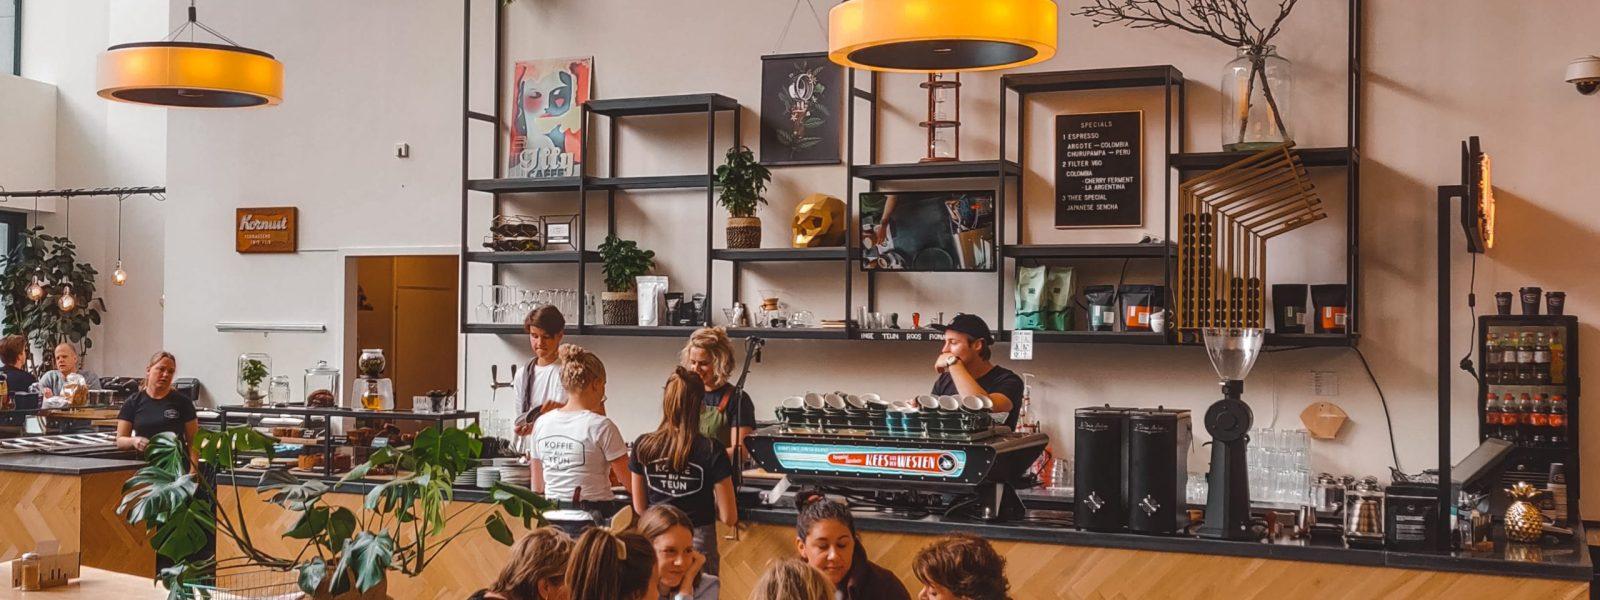 Ontbijt Breda: 15 beste hotspots voor ontbijt en koffie in Breda